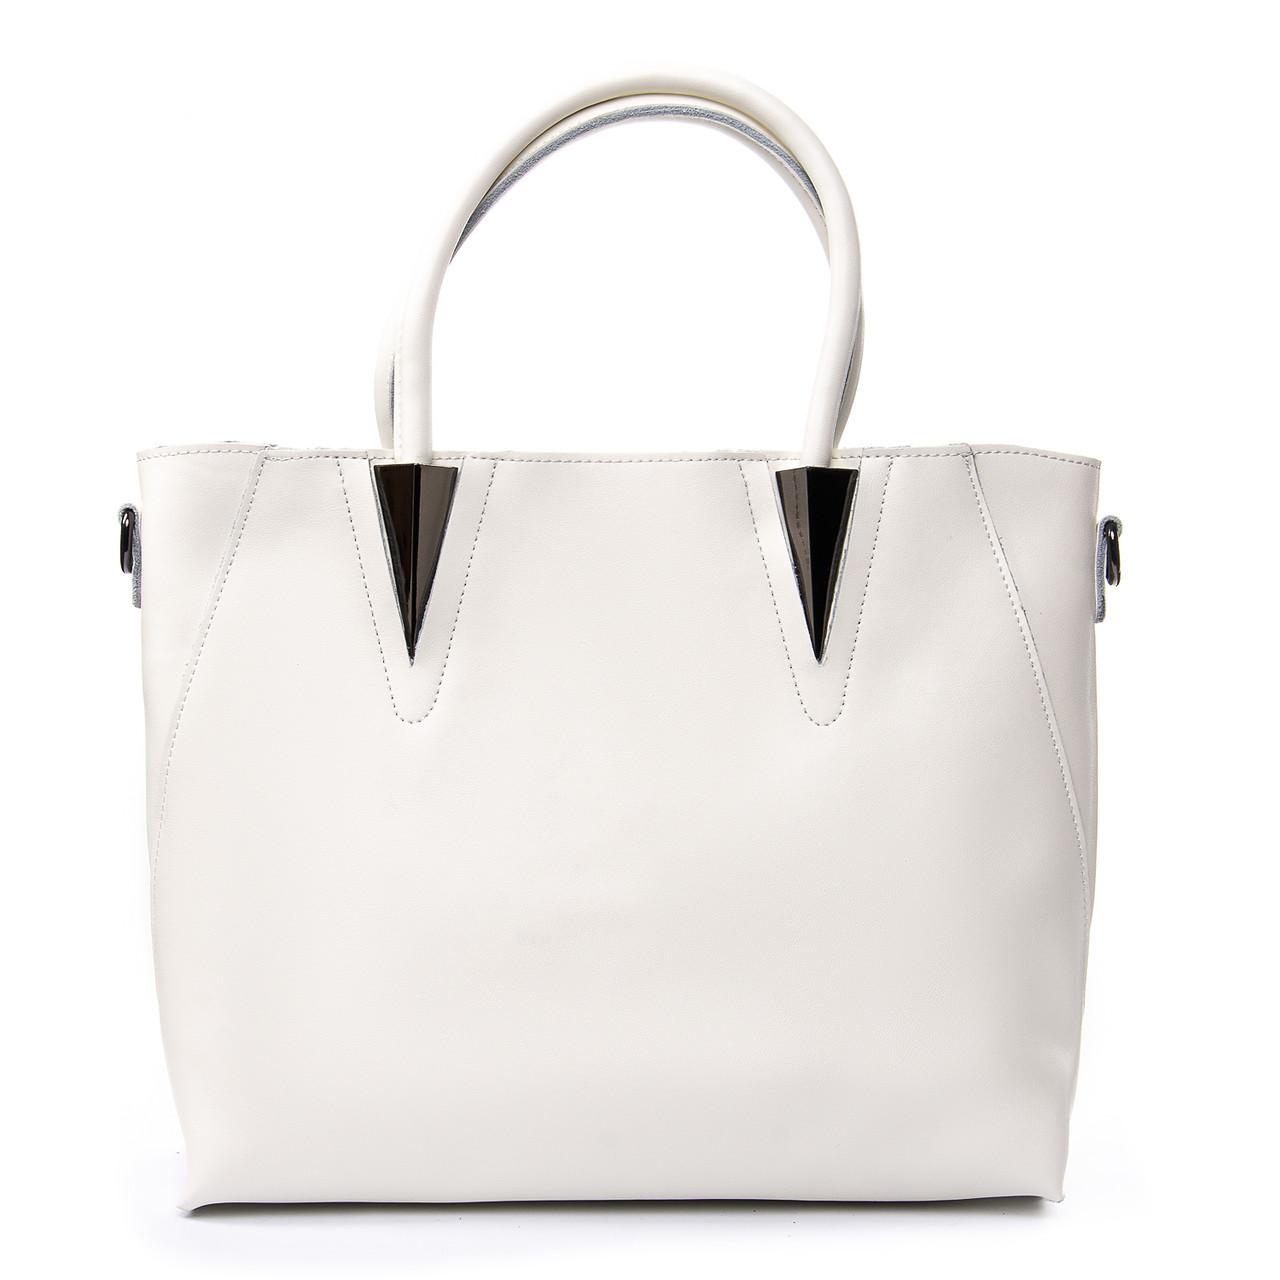 Жіноча сумка з натуральної шкіри в білому кольорі